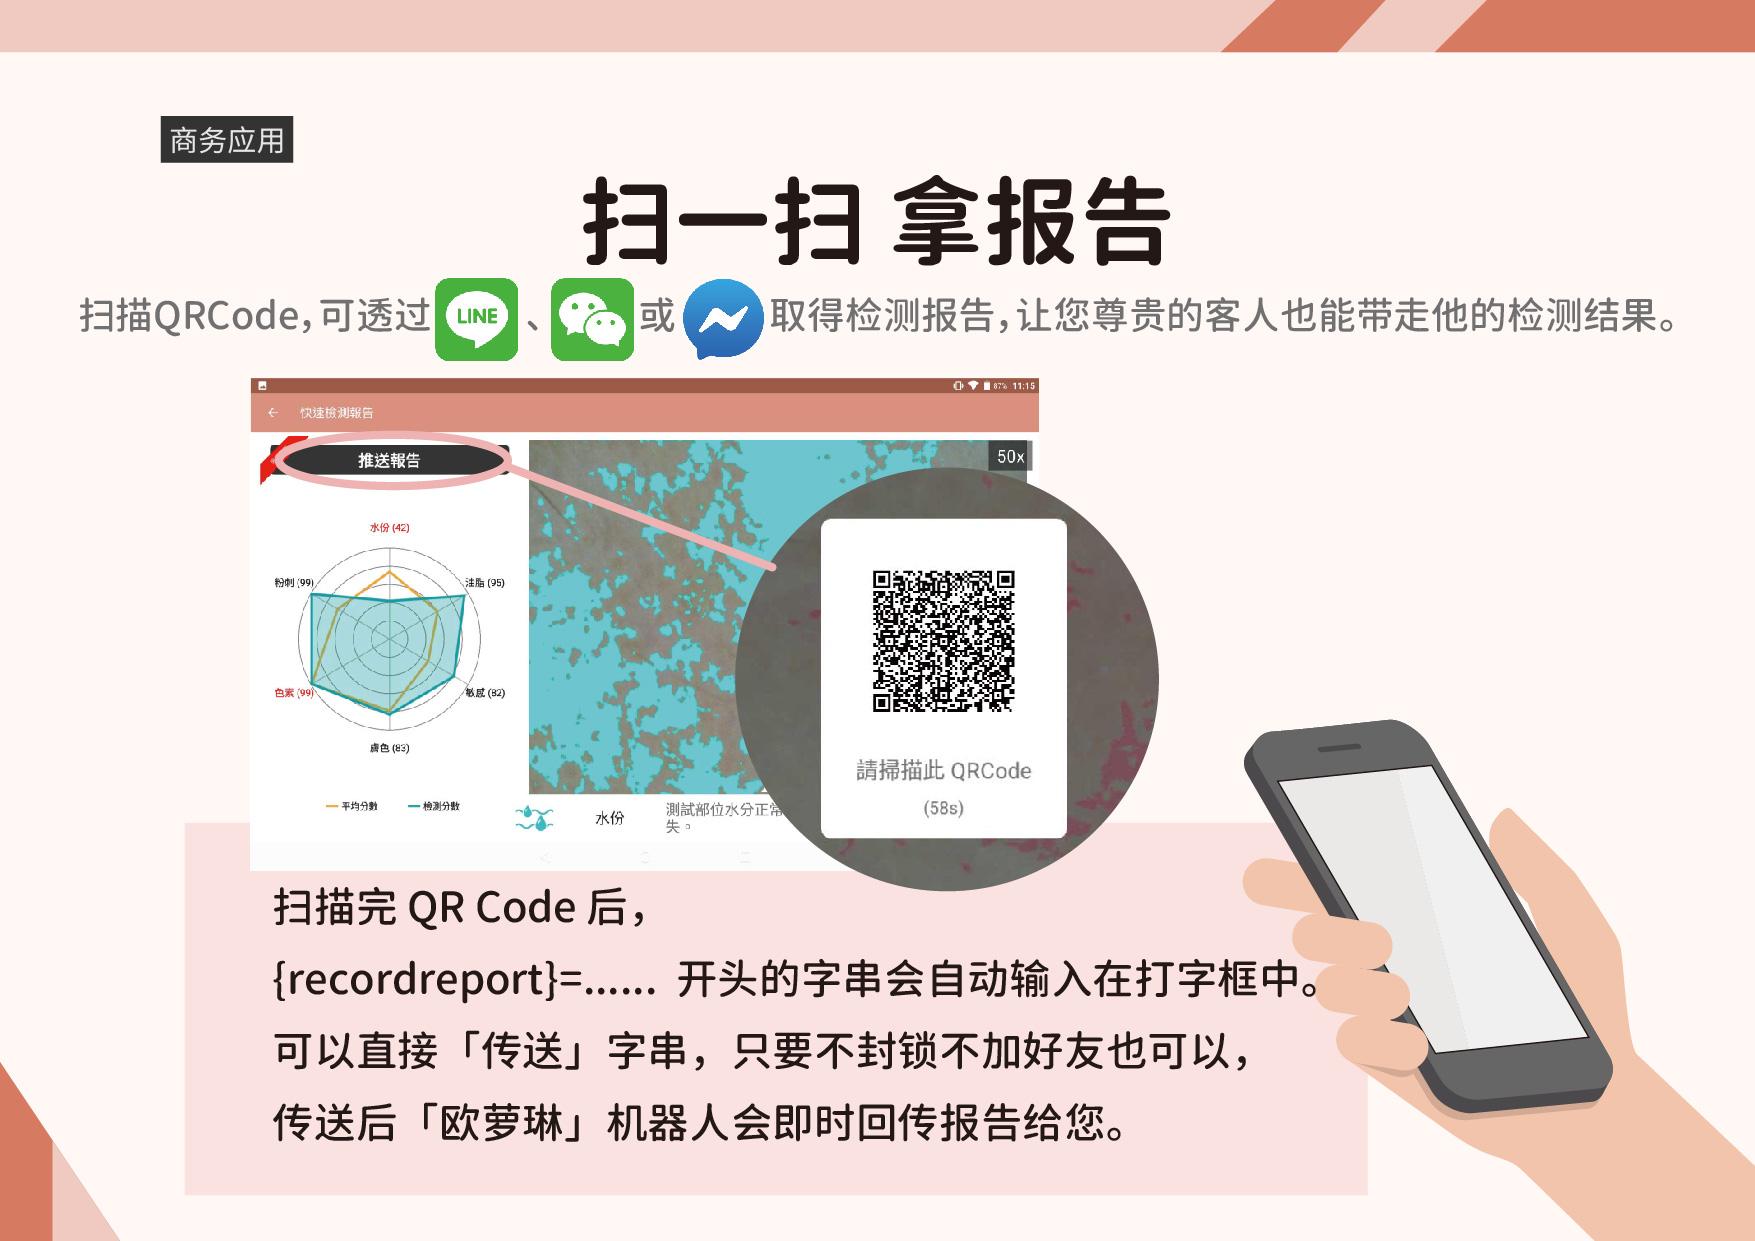 应用场景:在品牌专柜、医学美容、连锁药妆店或是美容机构中,我们的检测软件都是您最佳的助手。